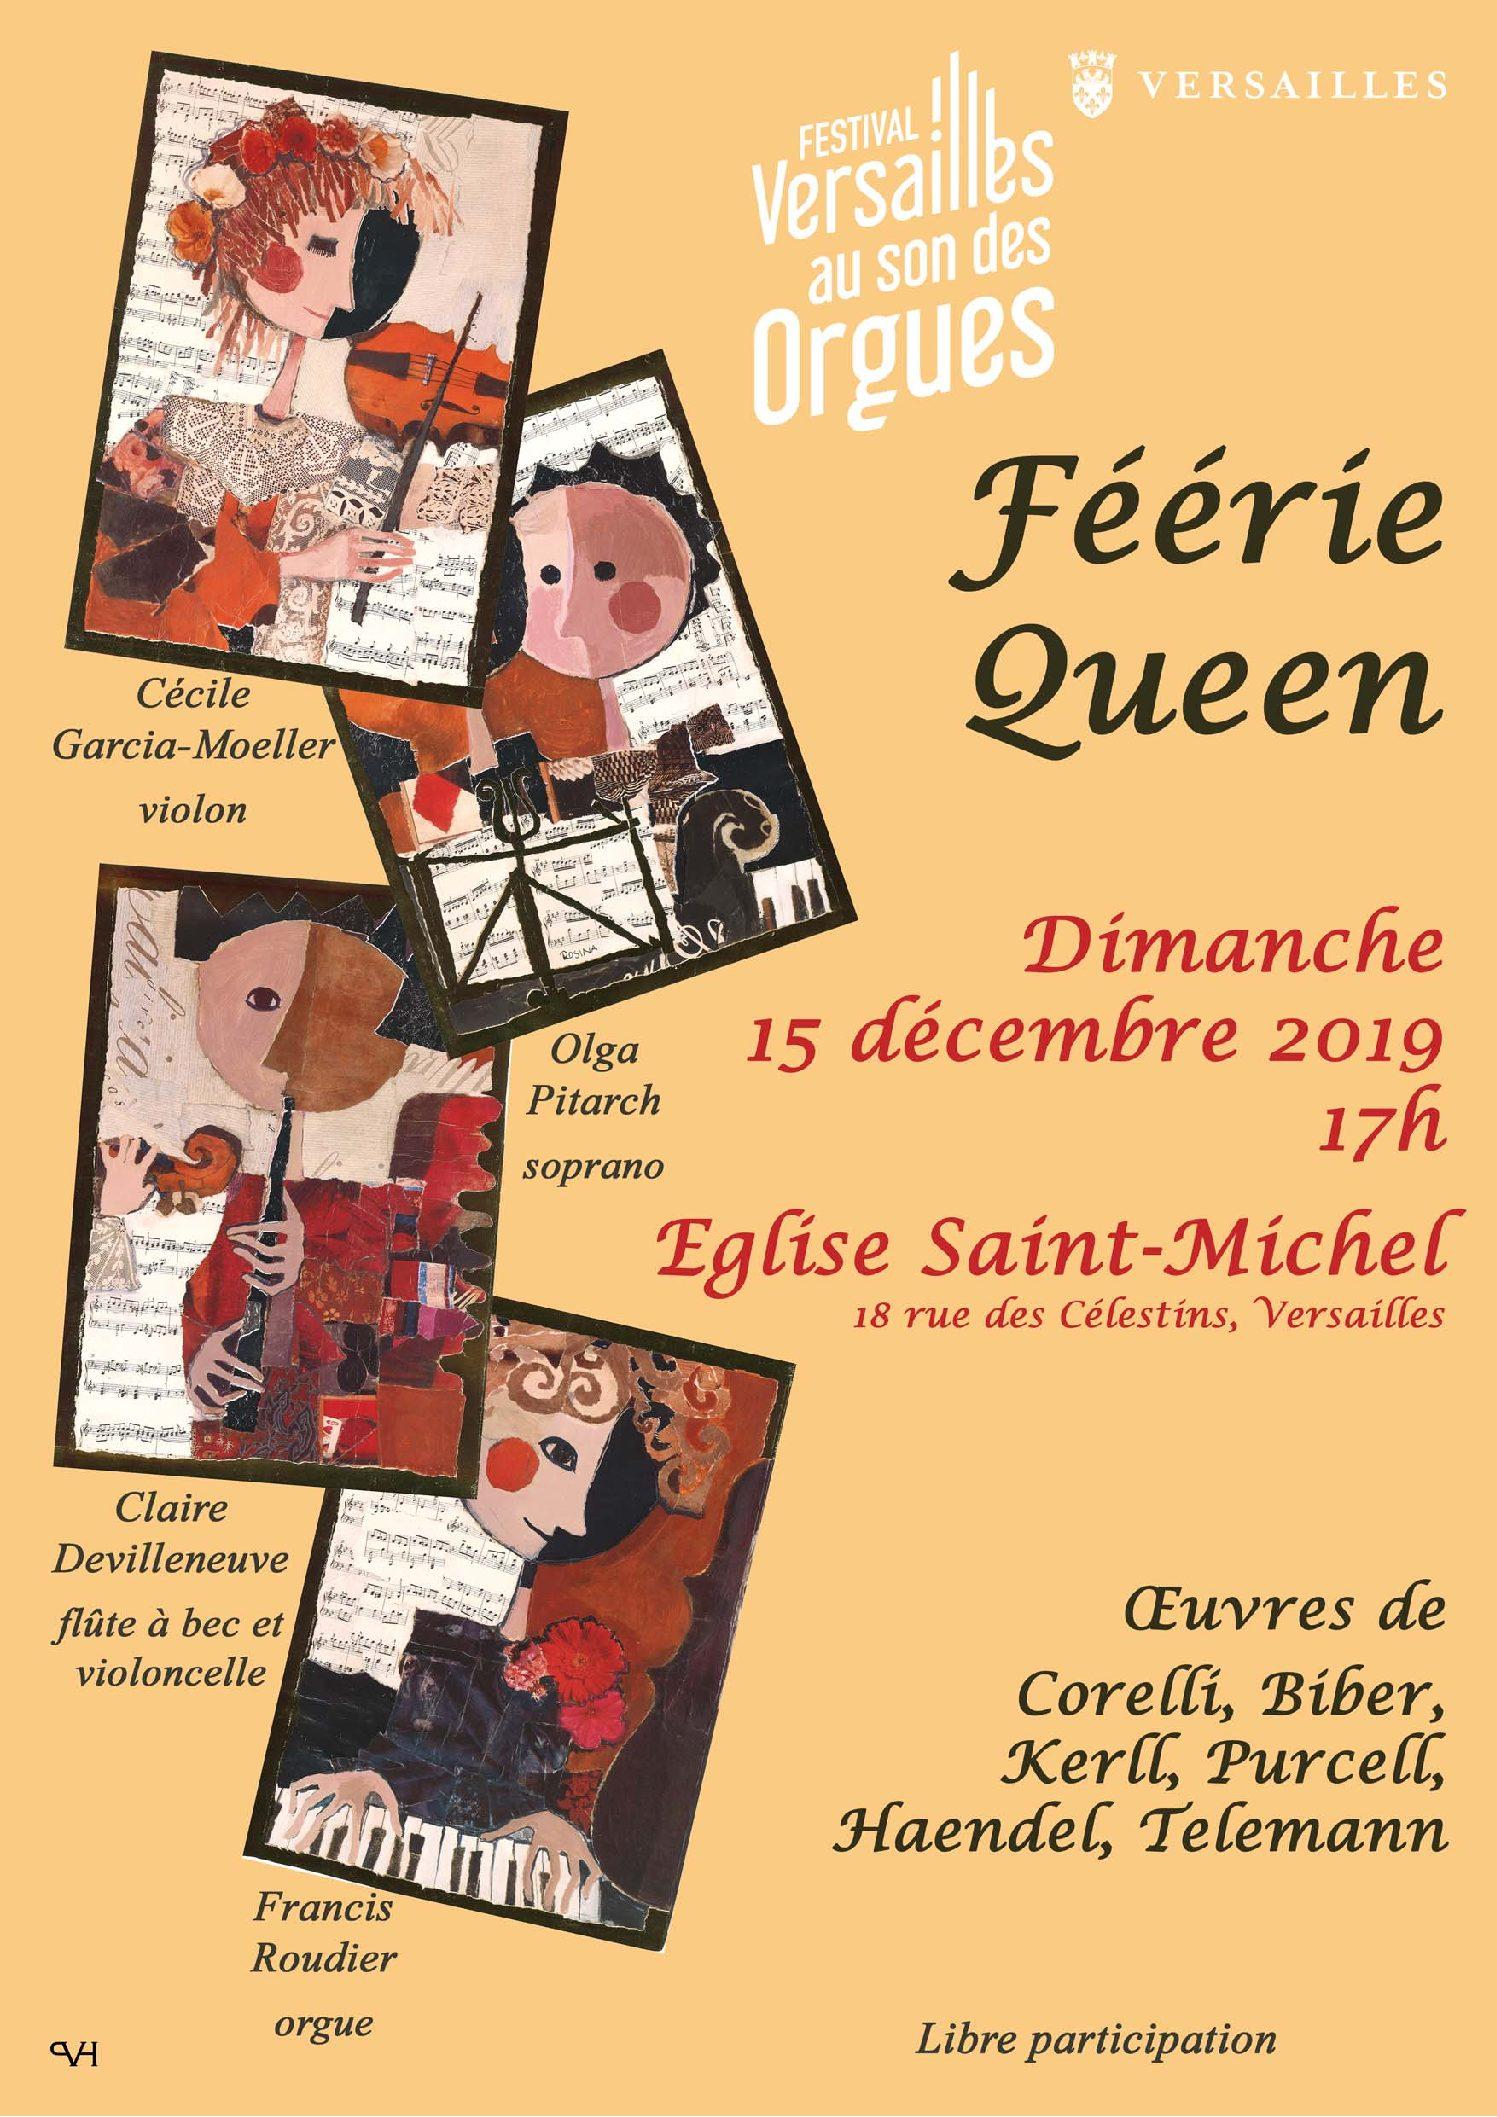 Concert le dimanche 15 décembre, 17h à Versailles.